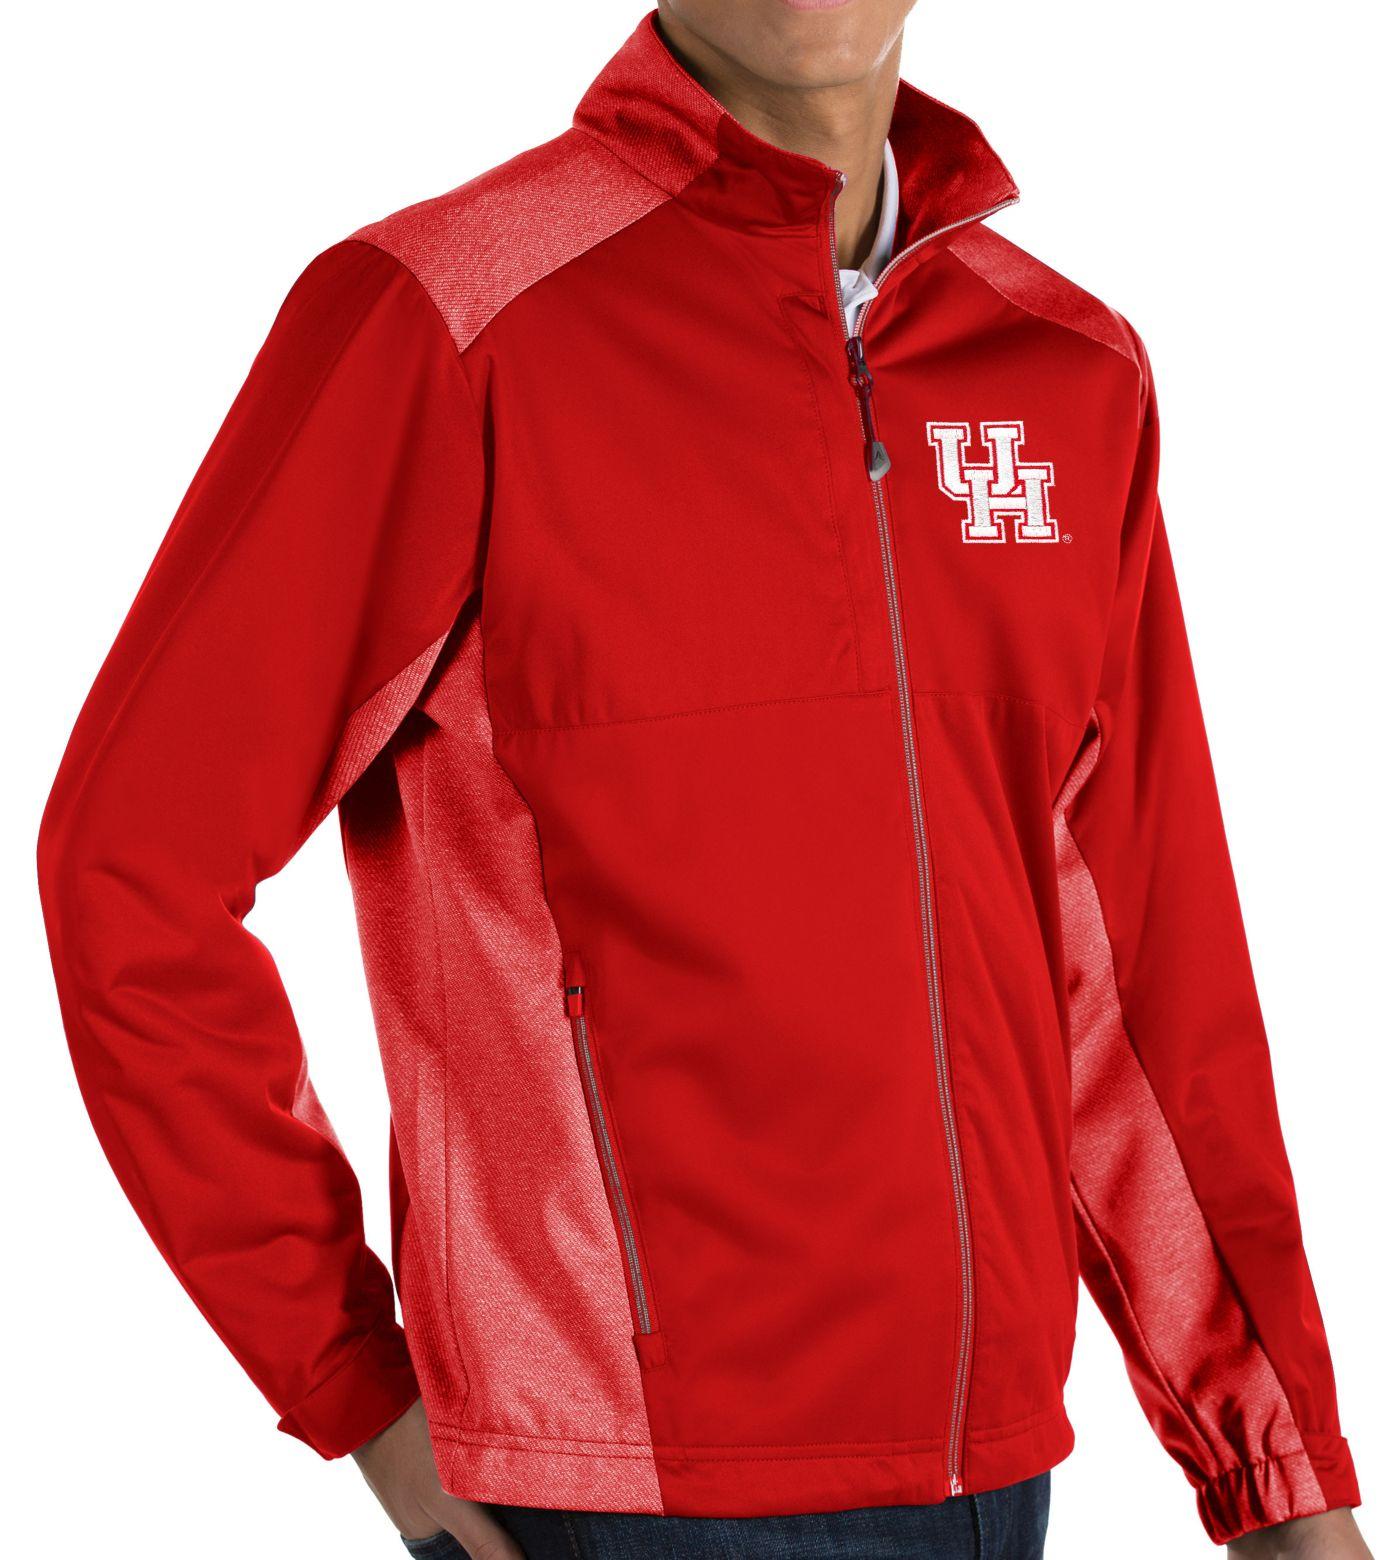 Antigua Men's Houston Cougars Red Revolve Full-Zip Jacket